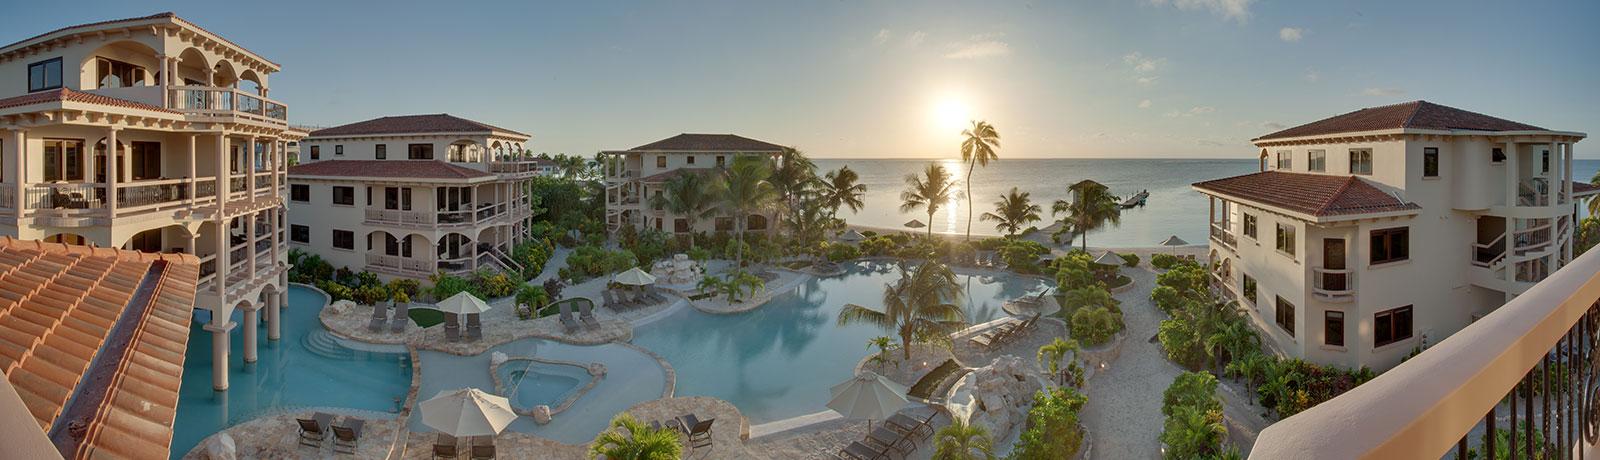 Belize Vacation Resort, Coco Beach Resort